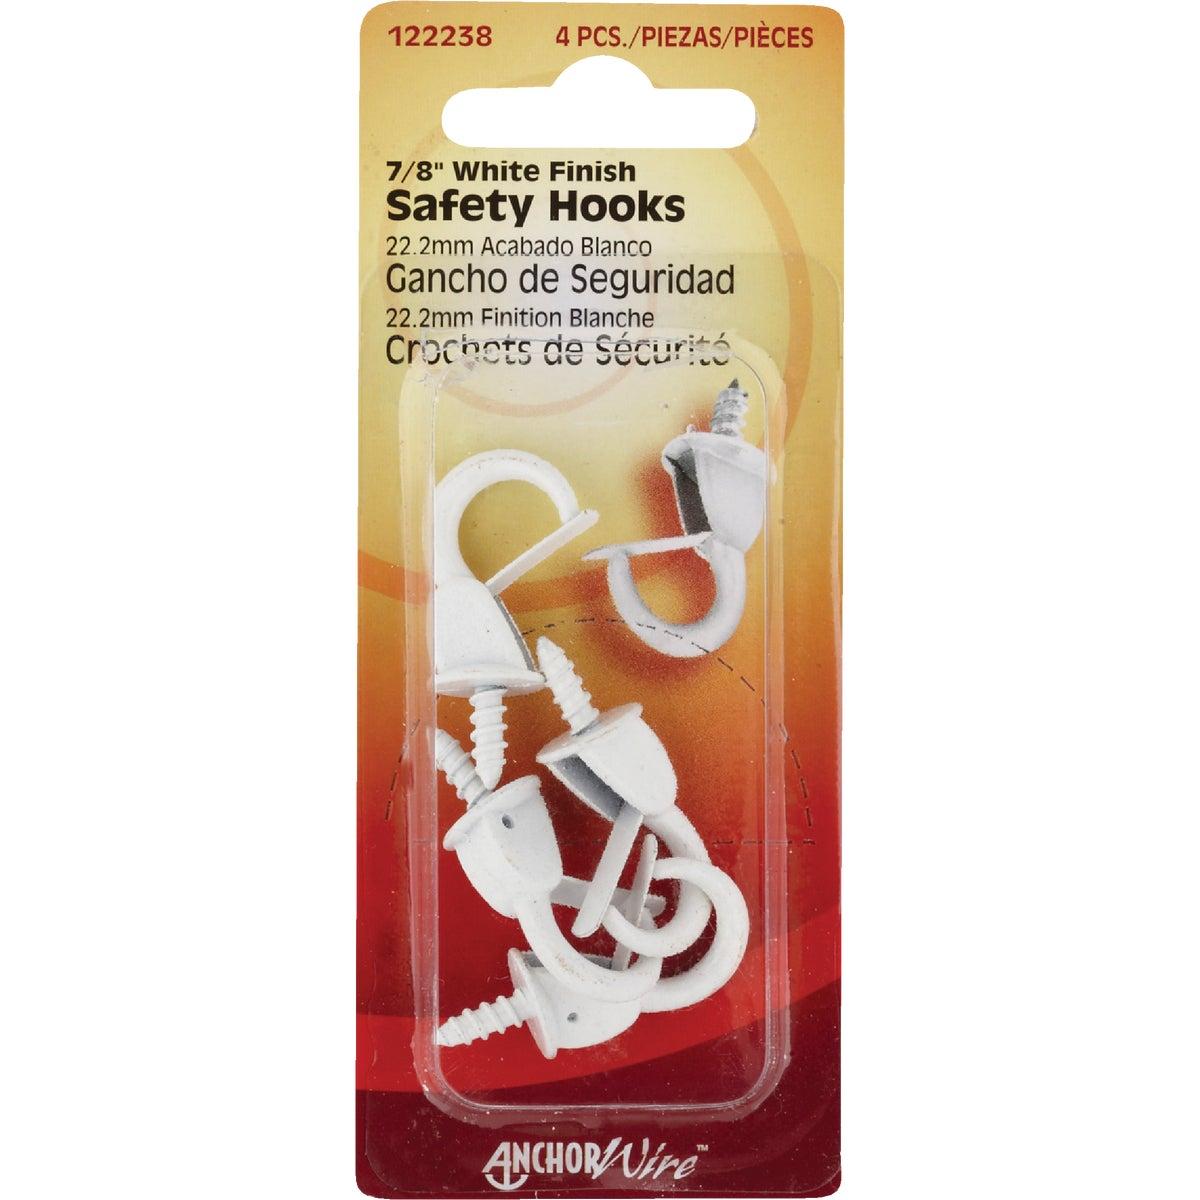 WHITE SAFETY HOOK - 122238 by Hillman Fastener